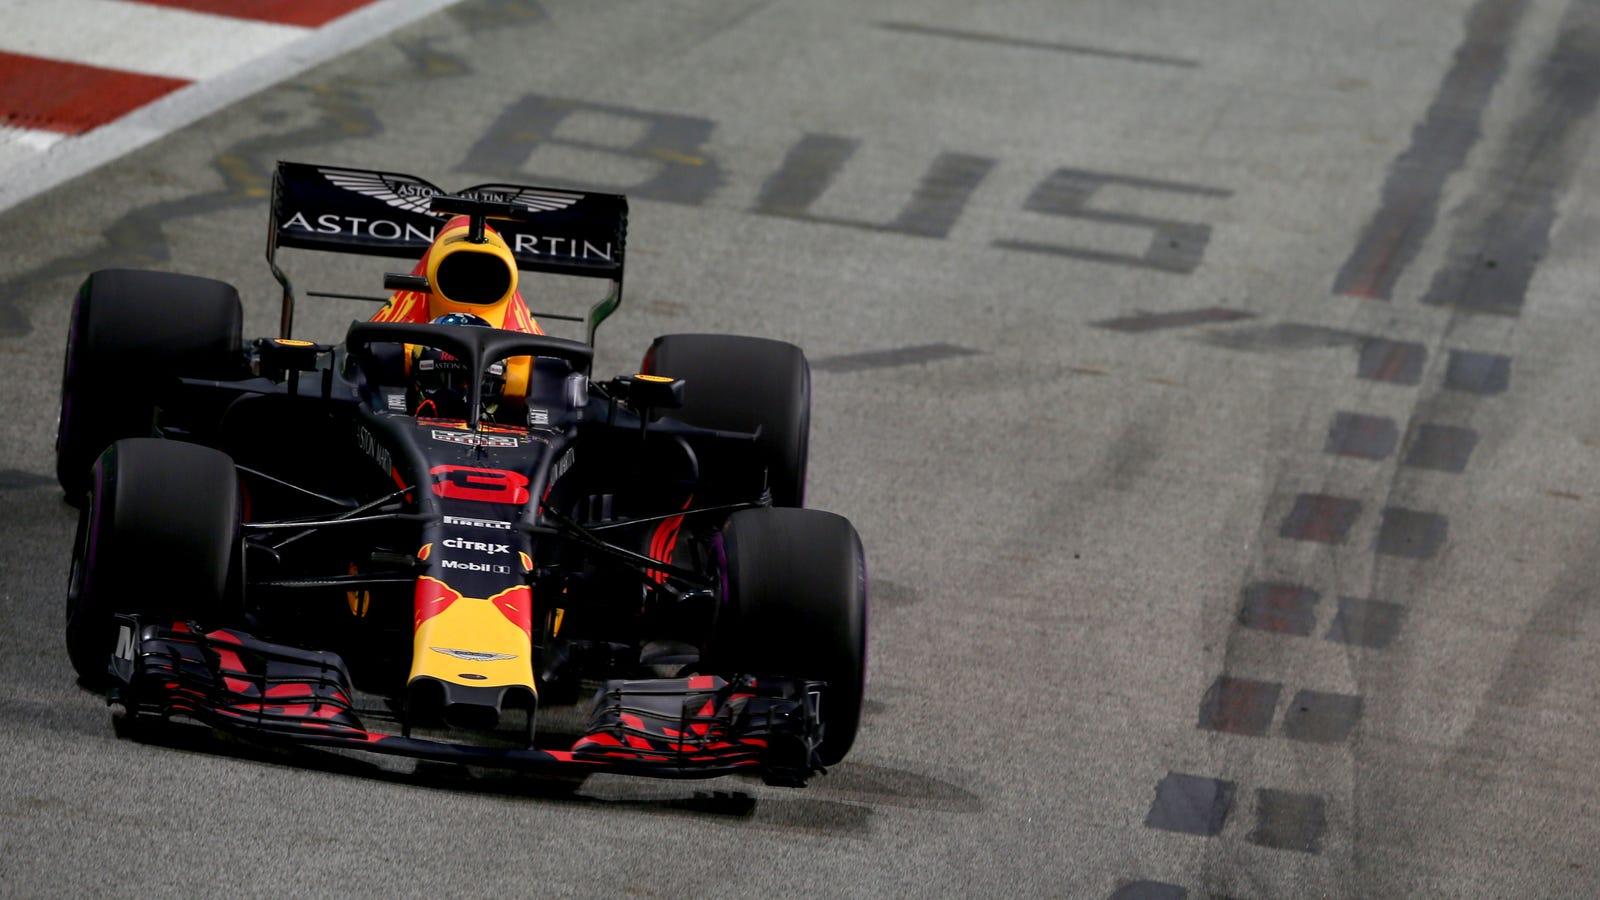 F1: The 2020 F1 Vietnam Grand Prix, If It Happens, Will Be